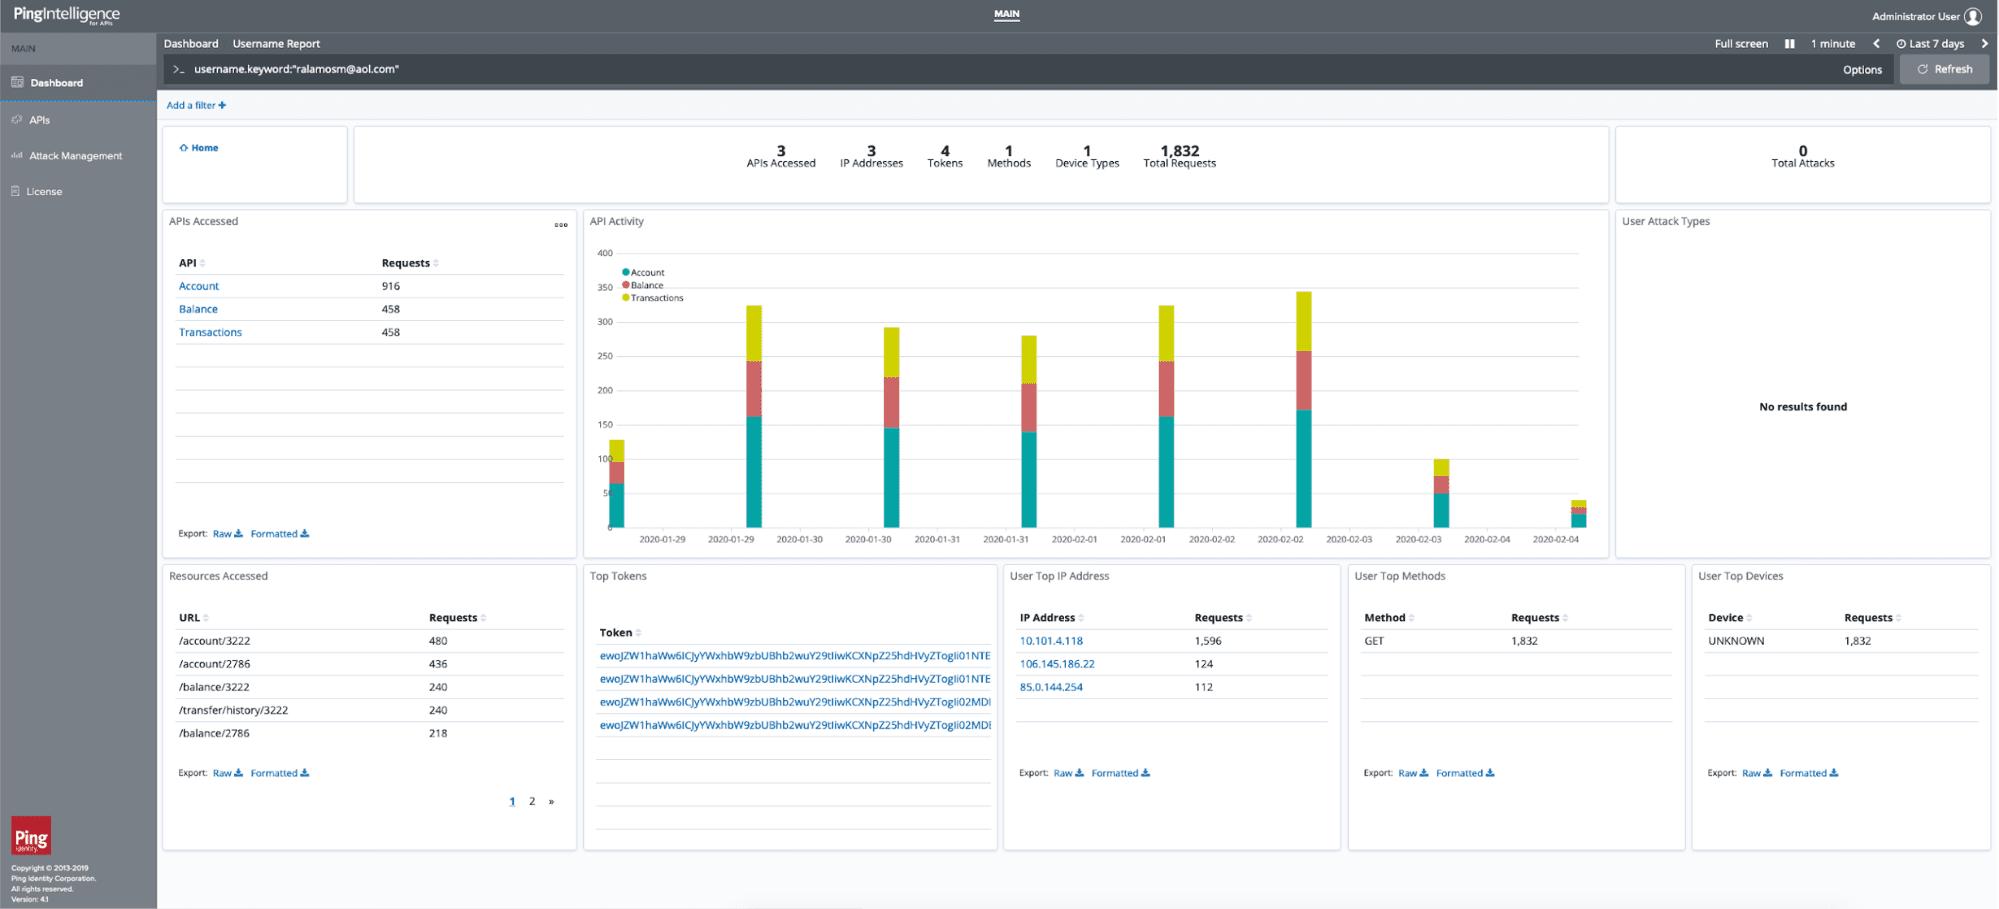 API traffic analysis